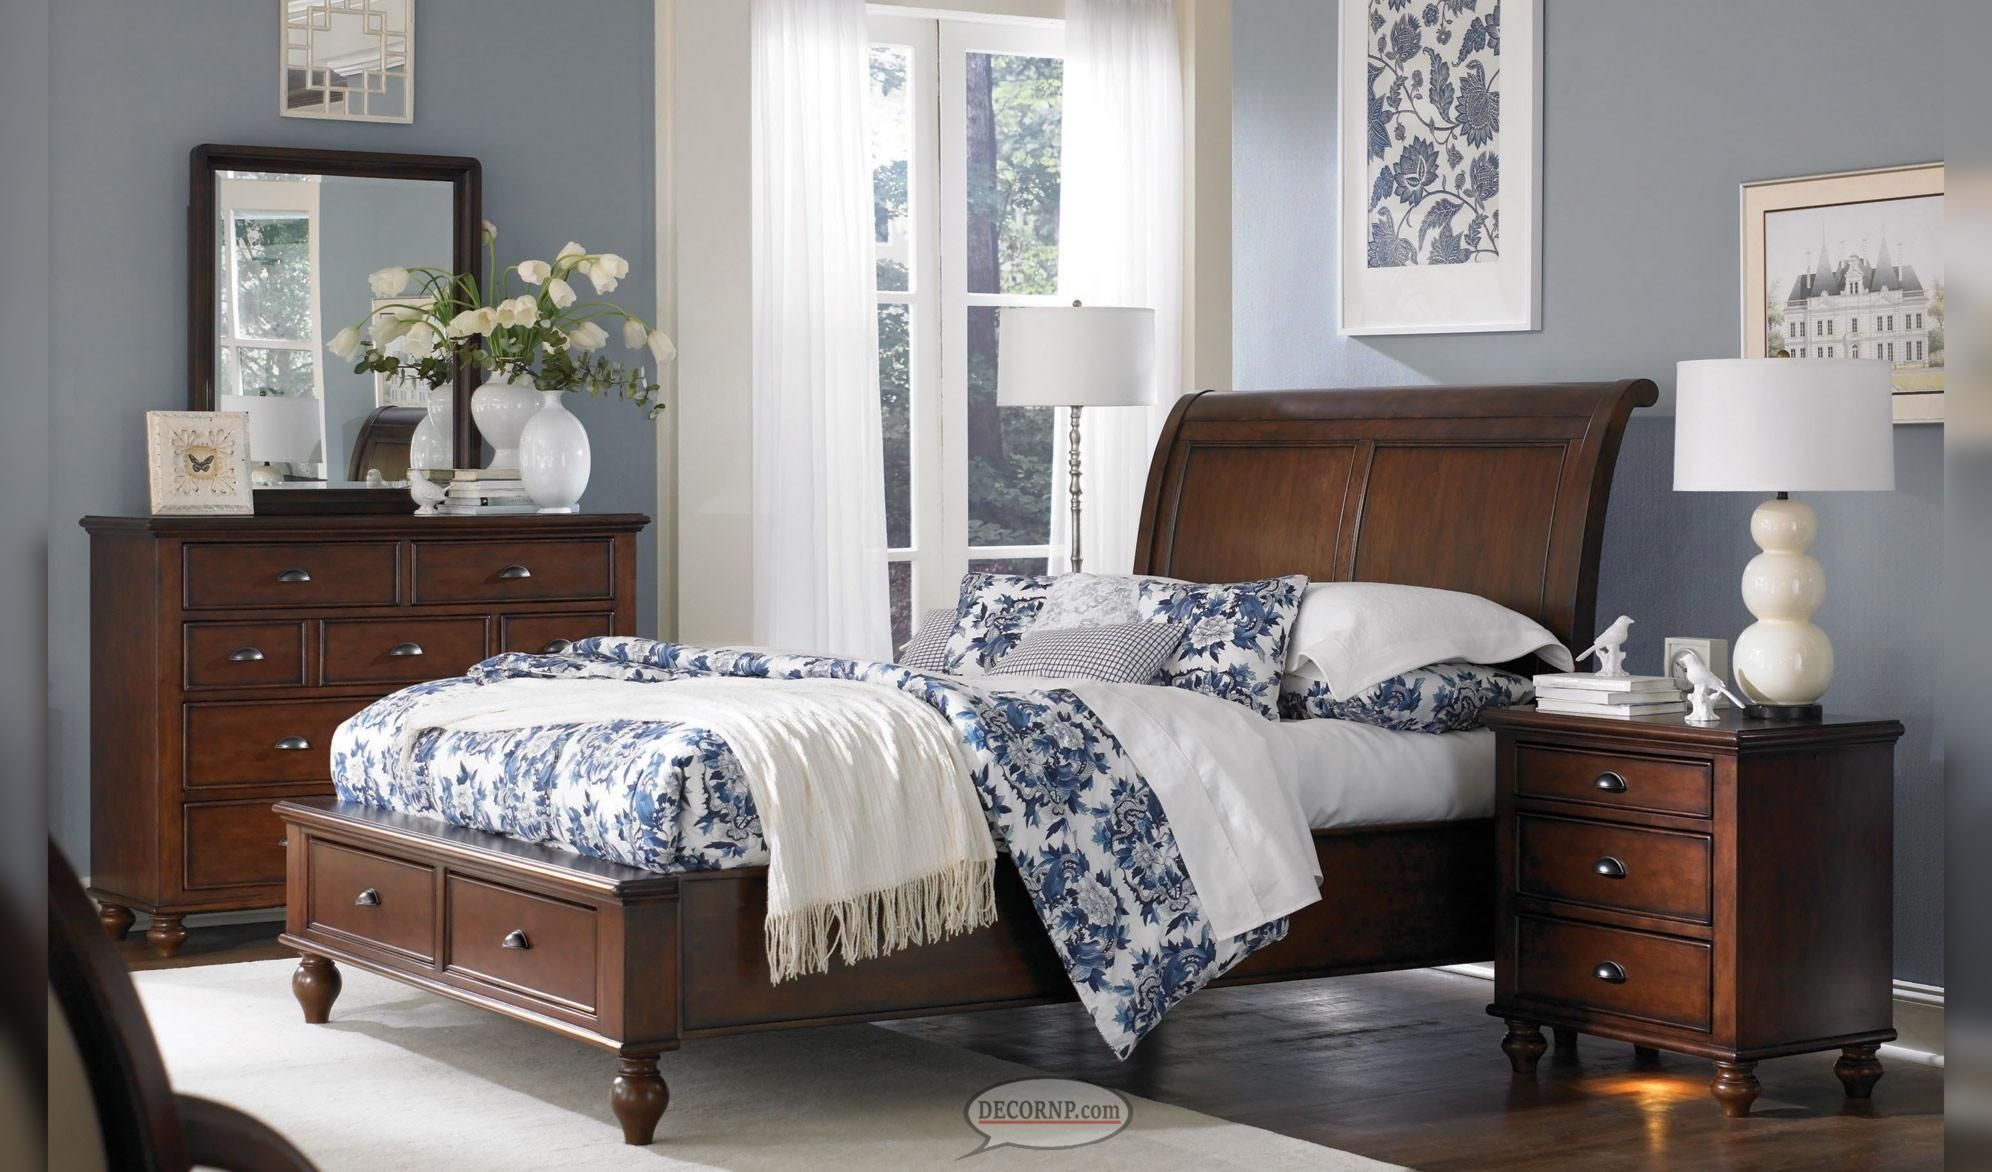 Exquisite Bedroom Design Ideas in 2019   Home decor ...